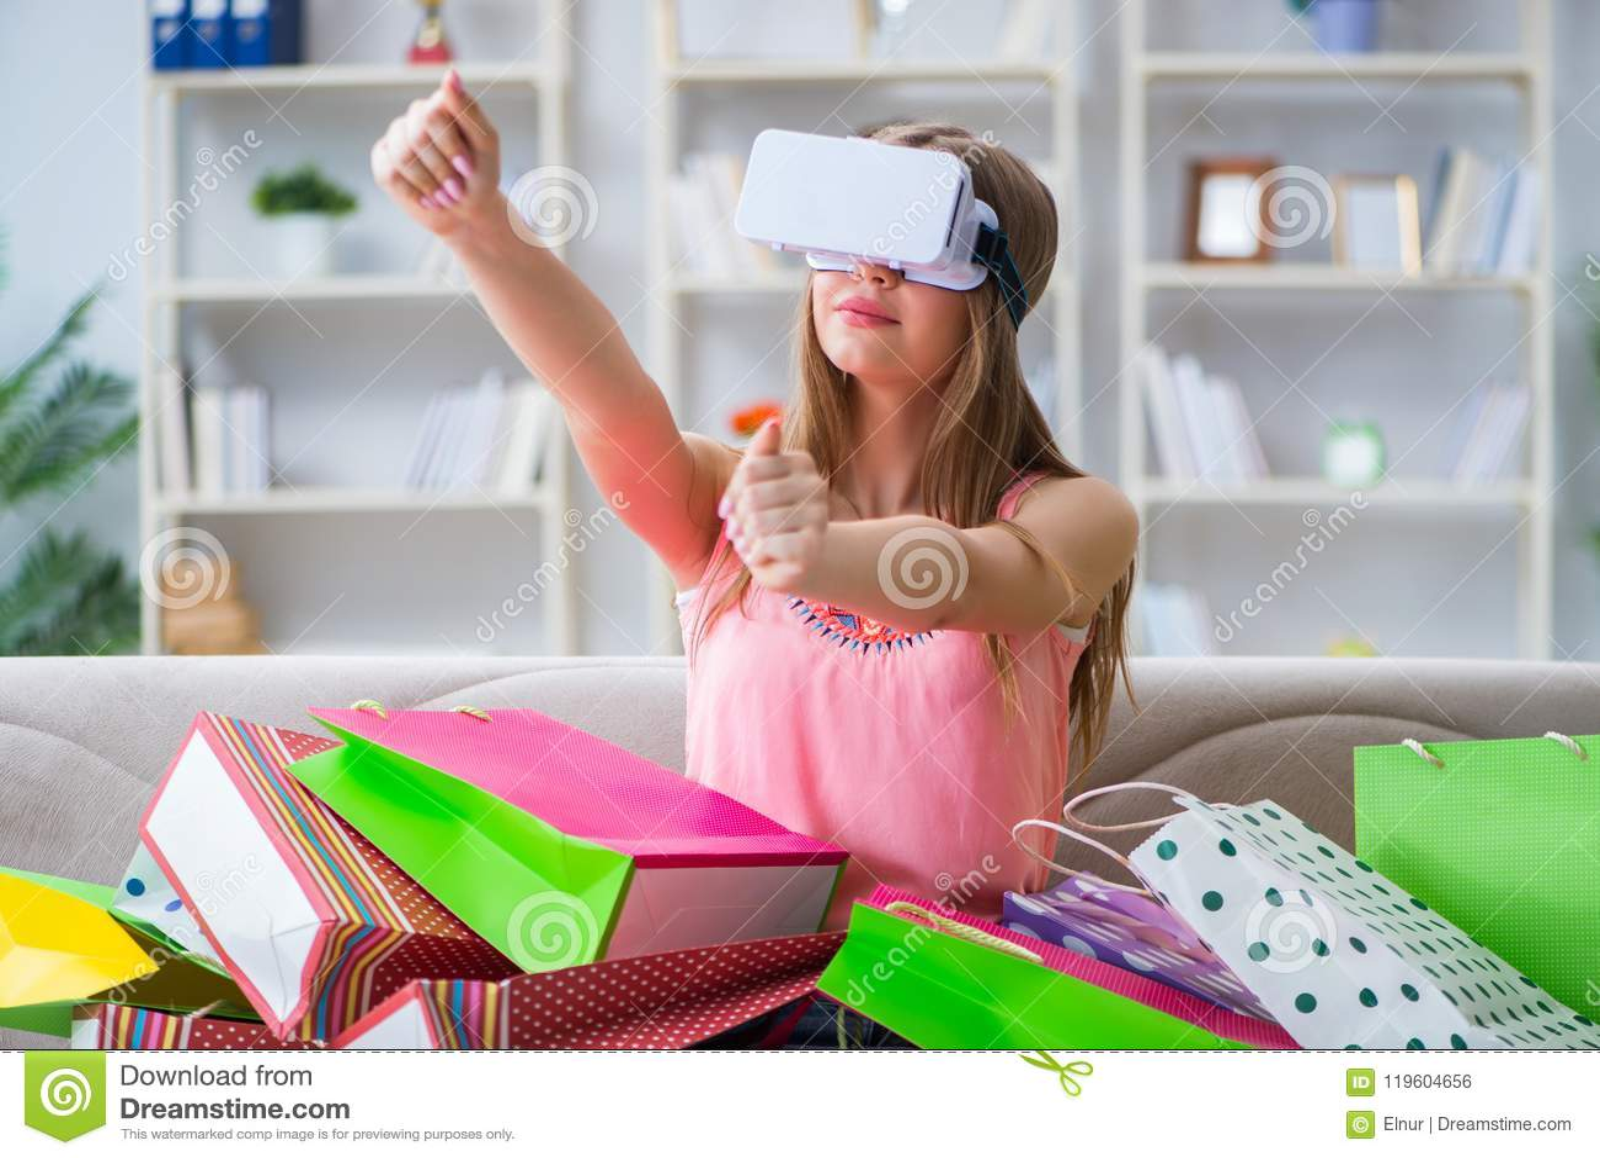 La jeune femme faisant des achats avec des verres de réalité virtuelle